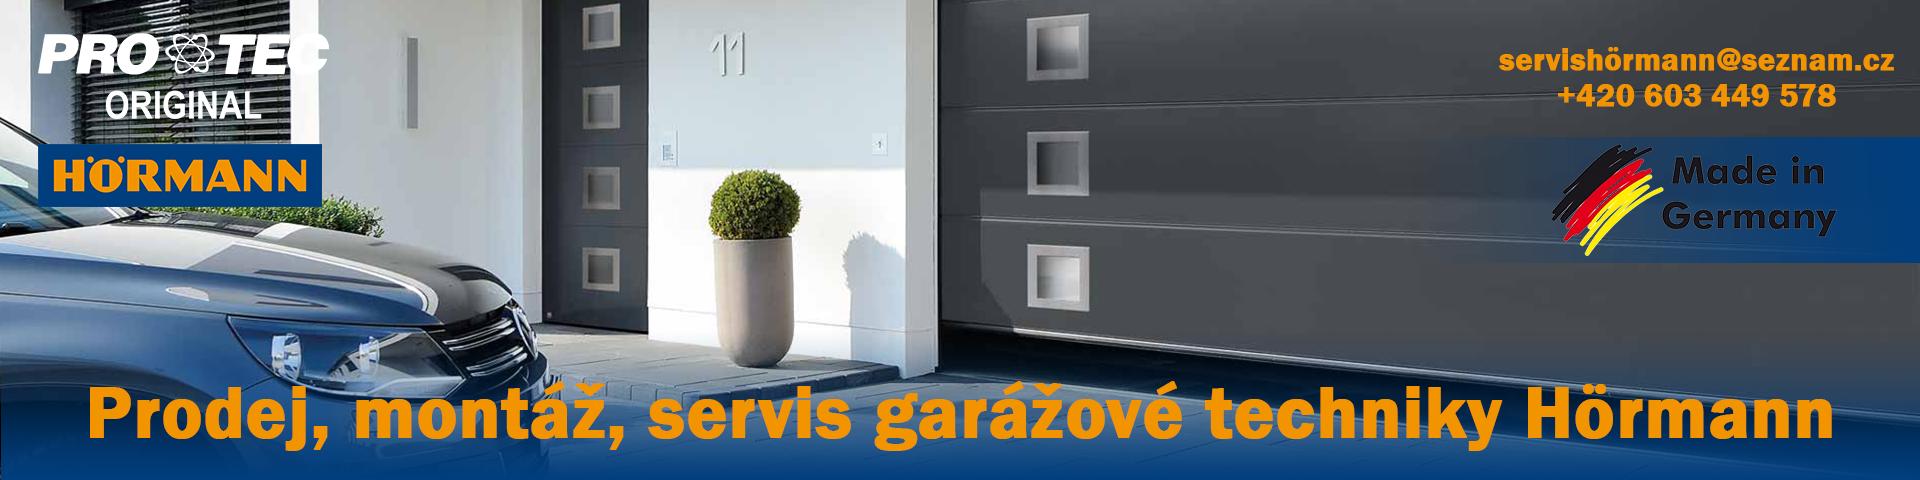 Prodej, montáž, servis garážové techniky Hörmann servishörmann@seznam.cz, 603449578